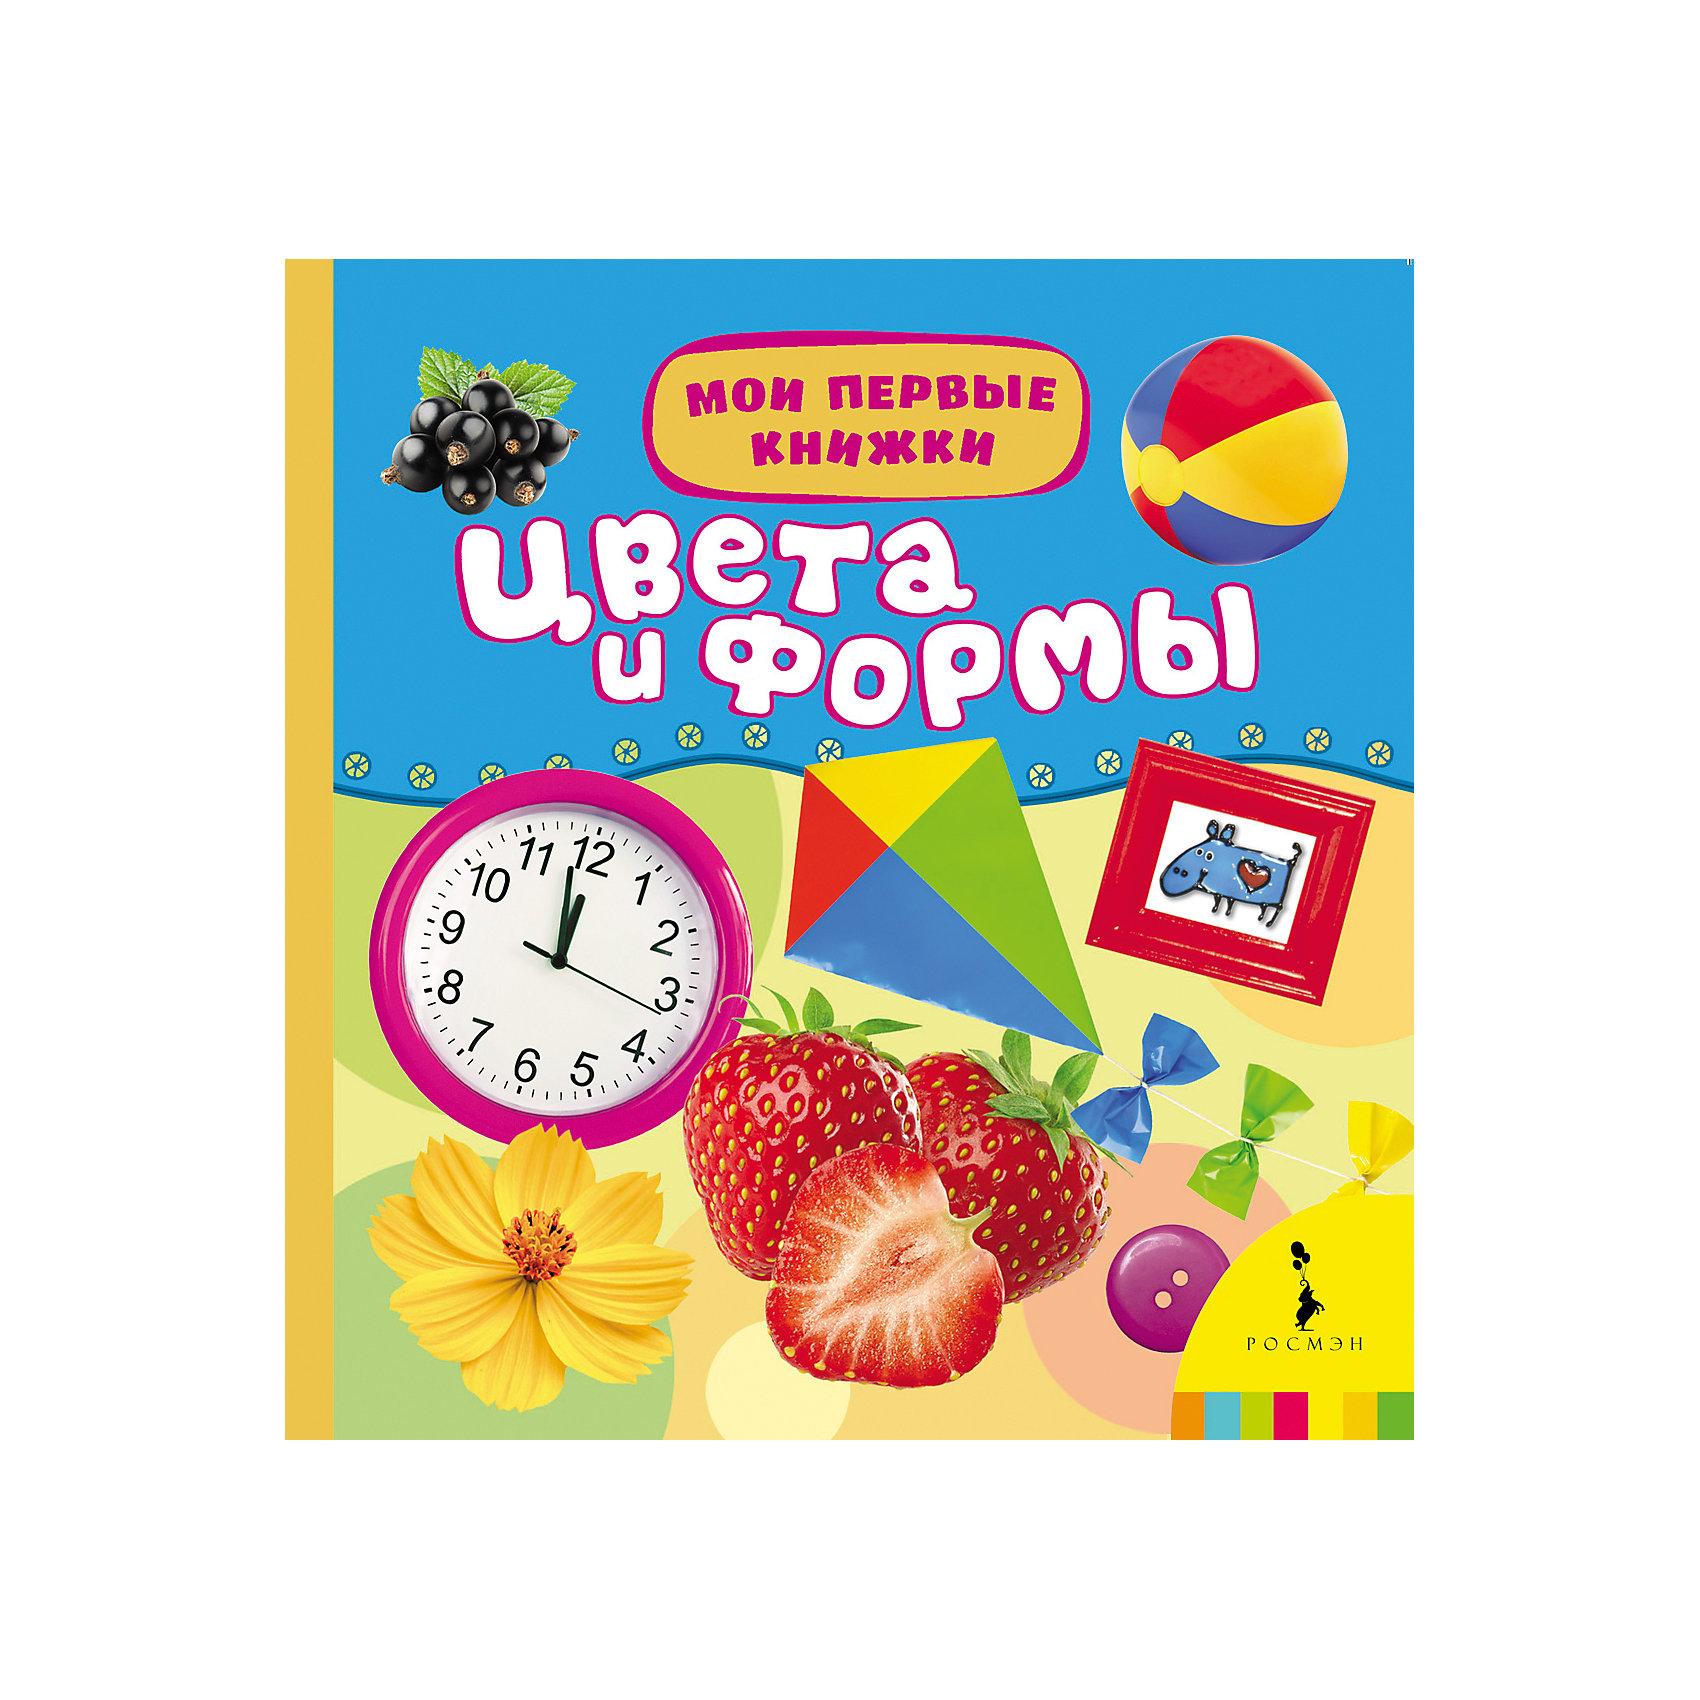 Цвета и формы, Мои первые книжкиХарактеристики товара:<br><br>- цвет: разноцветный;<br>- материал: картон;<br>- страниц: 14;<br>- формат: 17 х 17 см;<br>- обложка: пухлая;<br>- цветные иллюстрации. <br><br>Издания серии Мои первые книжки - хороший способ занять ребенка! Эта красочная книга станет отличным подарком для родителей и малыша. Она содержит в себе рассказ о разных цветах и формах. Плюс - яркие иллюстрации. Отличный способ привить малышу любовь к чтению! Удобный формат и плотные странички позволят брать книгу с собой в поездки.<br>Чтение и рассматривание картинок даже в юном возрасте помогает ребенку развивать память, концентрацию внимания и воображение. Издание произведено из качественных материалов, которые безопасны даже для самых маленьких.<br><br>Издание Цвета и формы, Мои первые книжки от компании Росмэн можно купить в нашем интернет-магазине.<br><br>Ширина мм: 165<br>Глубина мм: 165<br>Высота мм: 20<br>Вес г: 310<br>Возраст от месяцев: 0<br>Возраст до месяцев: 36<br>Пол: Унисекс<br>Возраст: Детский<br>SKU: 5110299